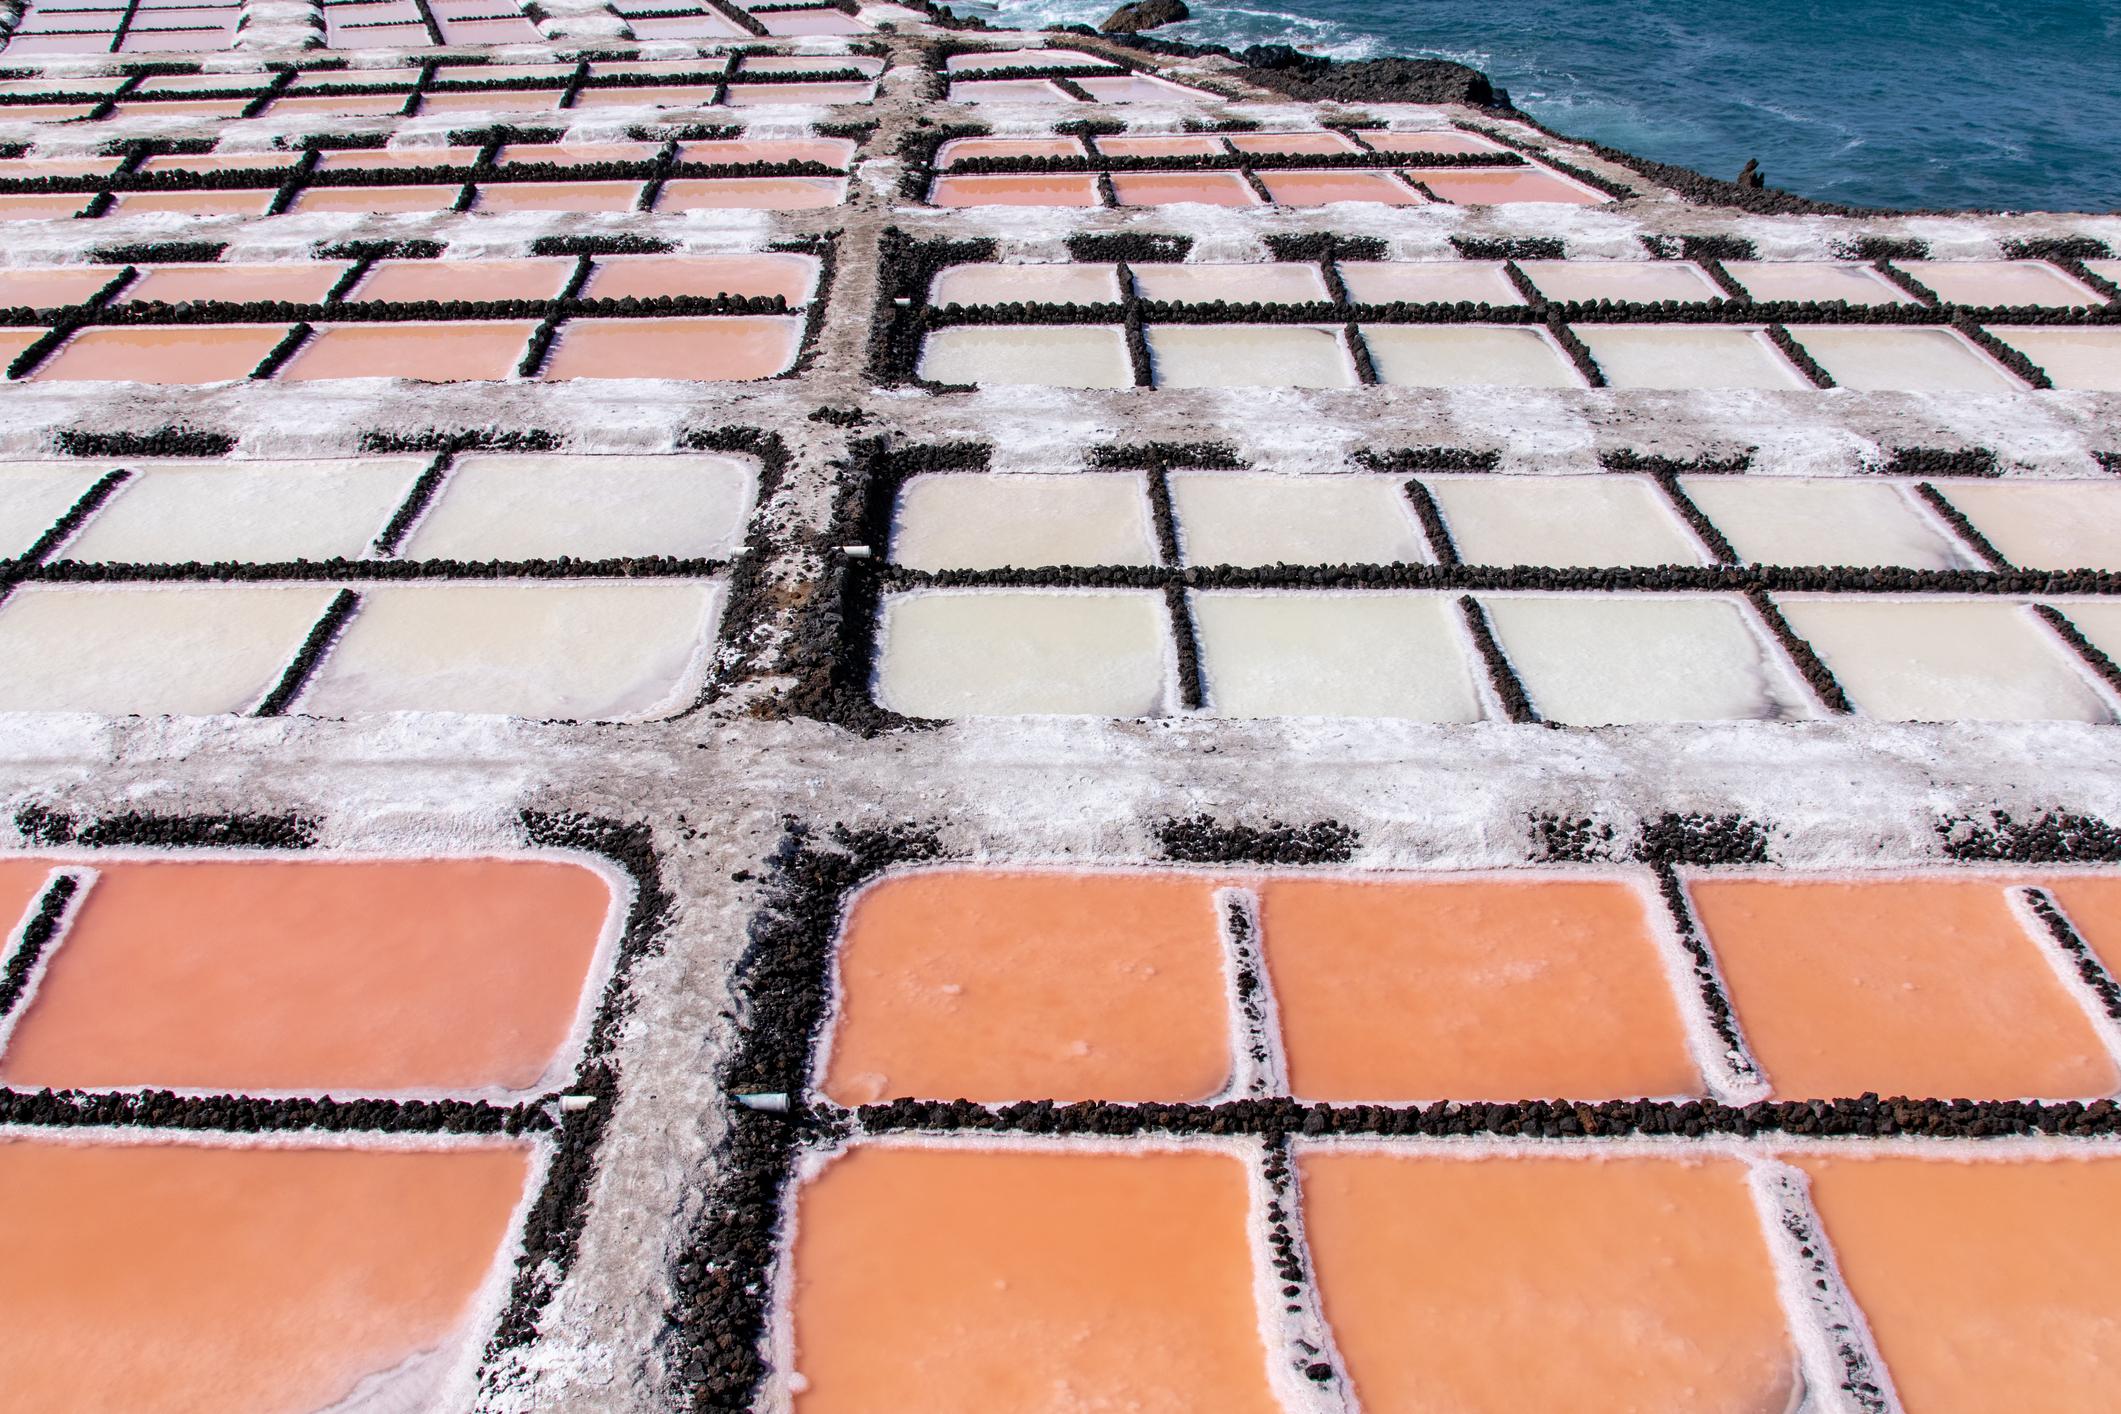 Lithium evaporation ponds.